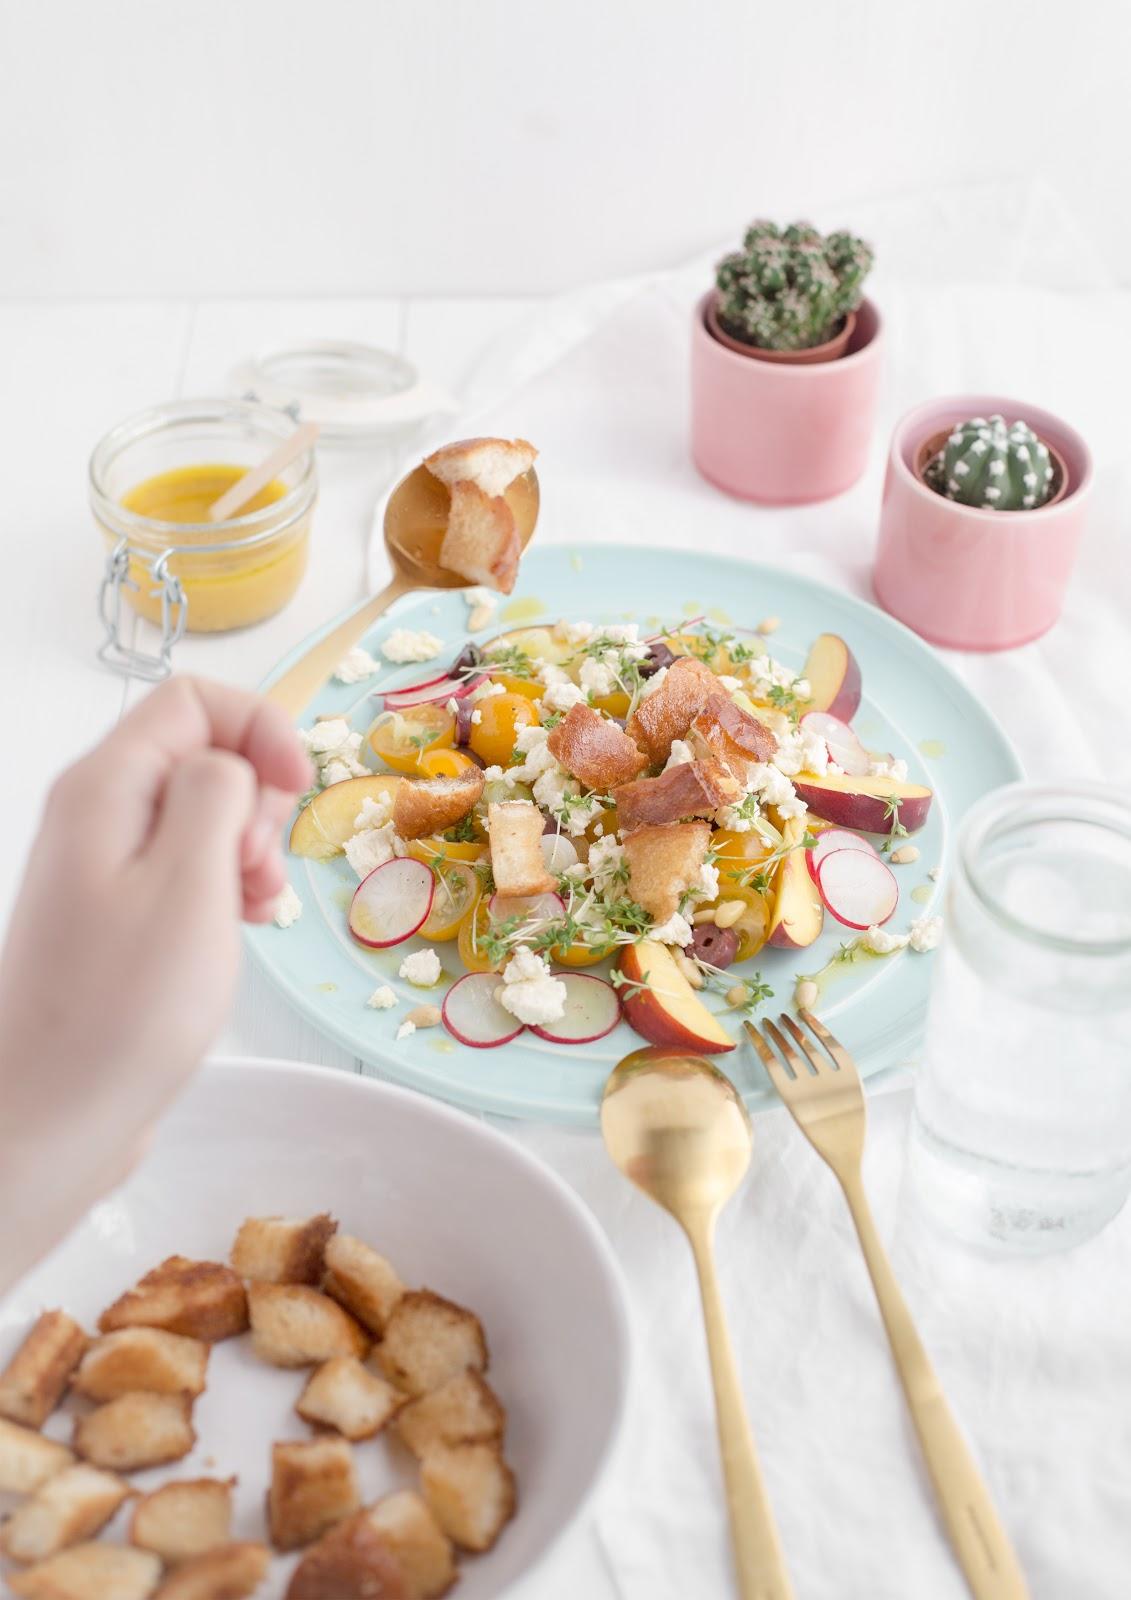 Brotsalat mit gelben Tomaten und Pfirsichen